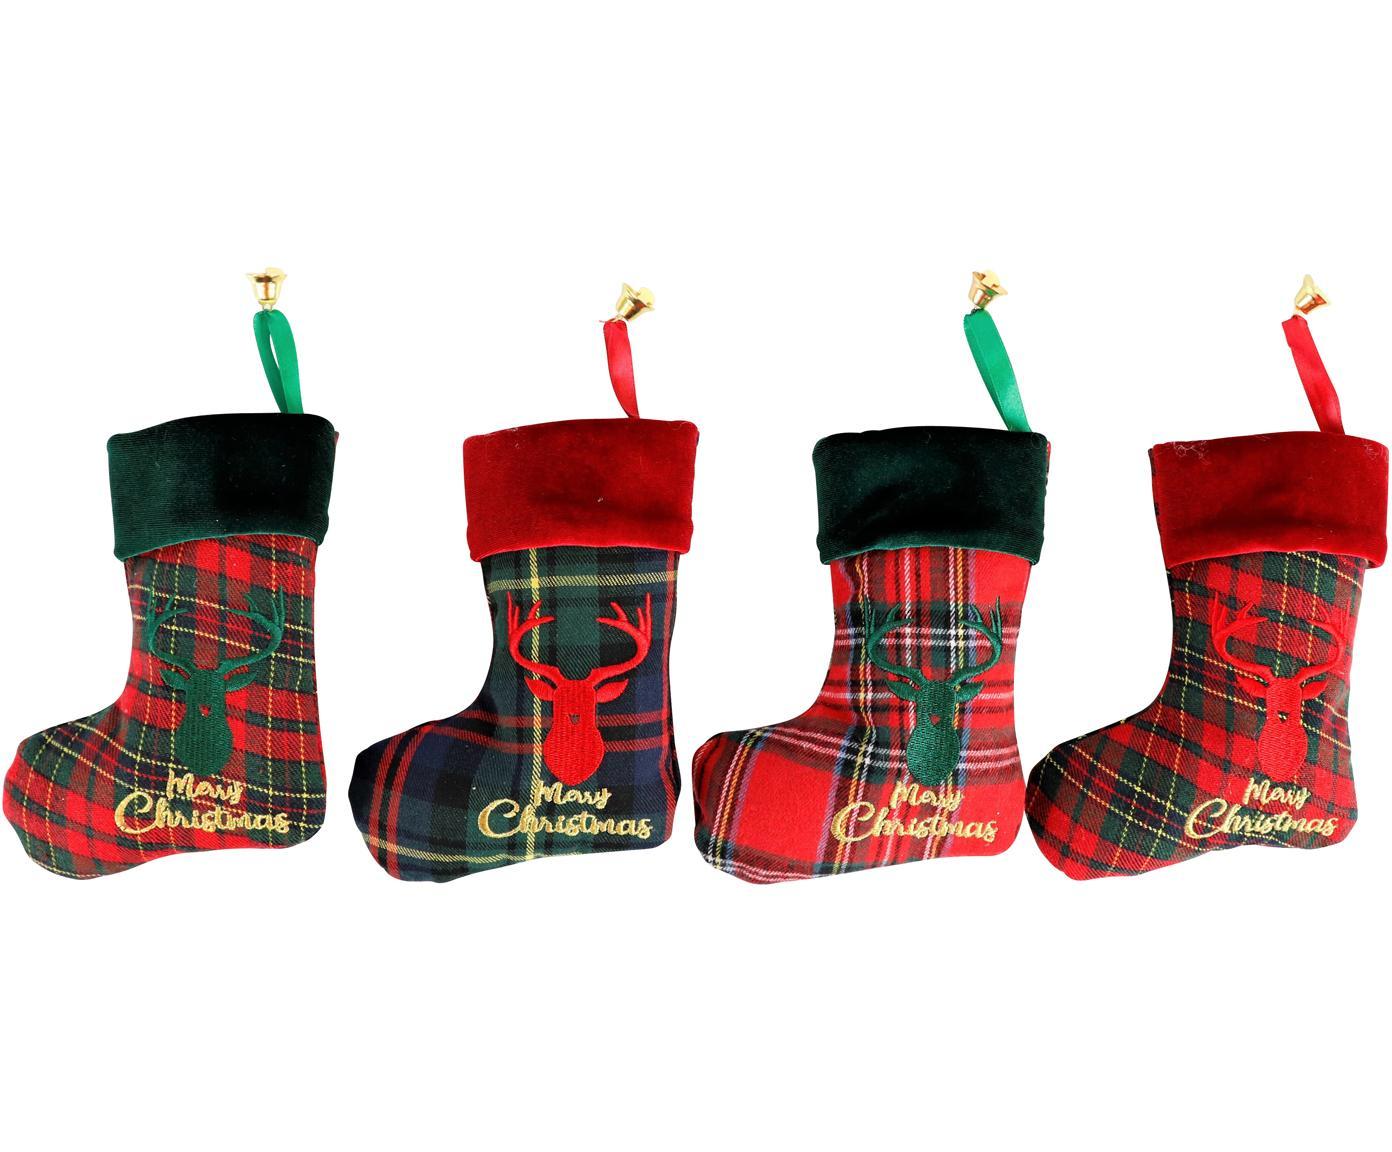 Set de calcetines decorativas Merry Christmas, 4pzas., Poliéster, algodón, Verde, rojo, negro, An 14 x L 17 cm